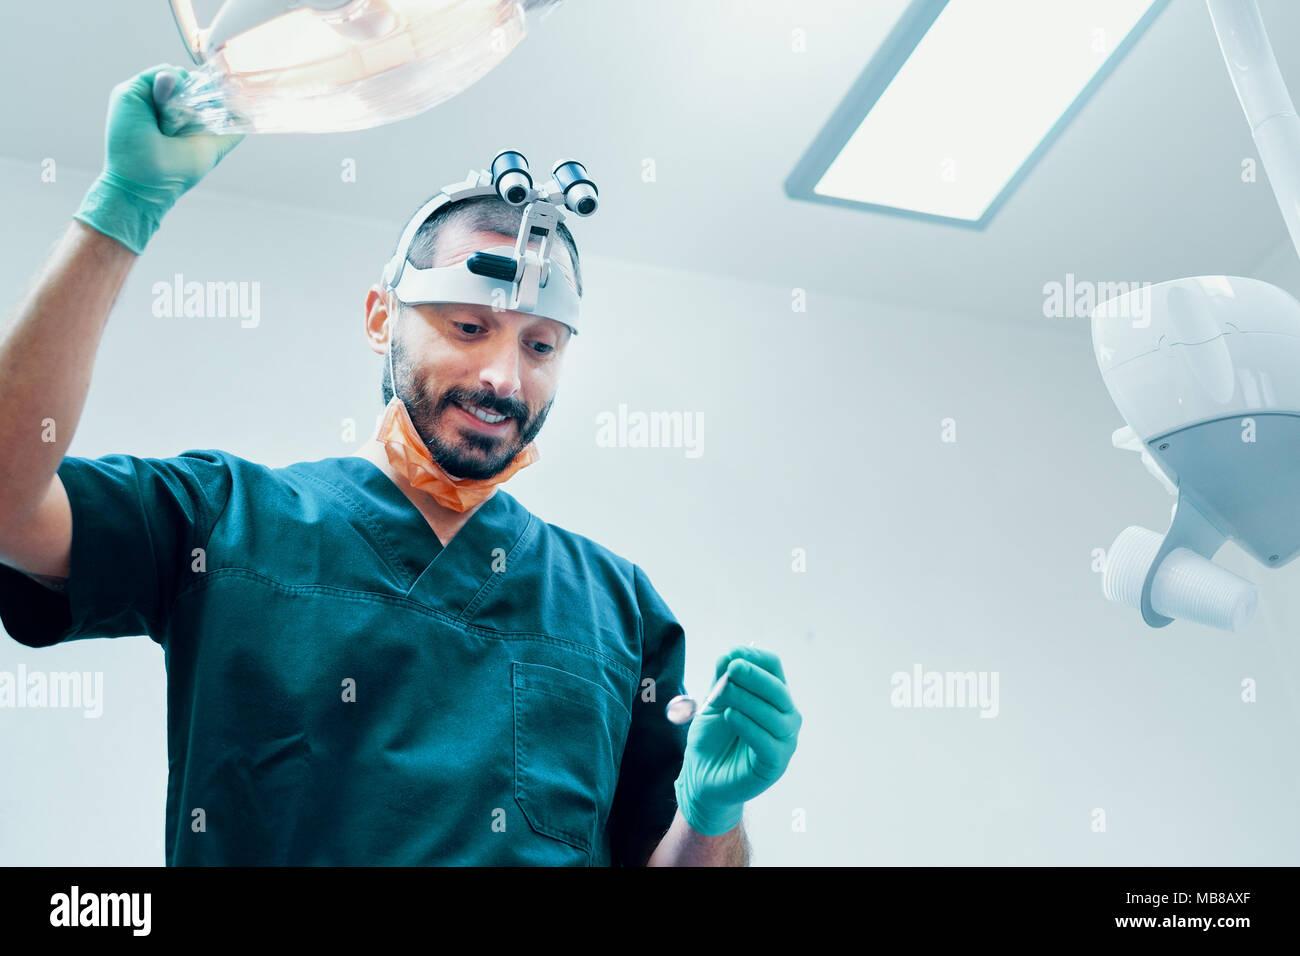 Certain male dentist avec équipements médicaux chirurgie Banque D'Images